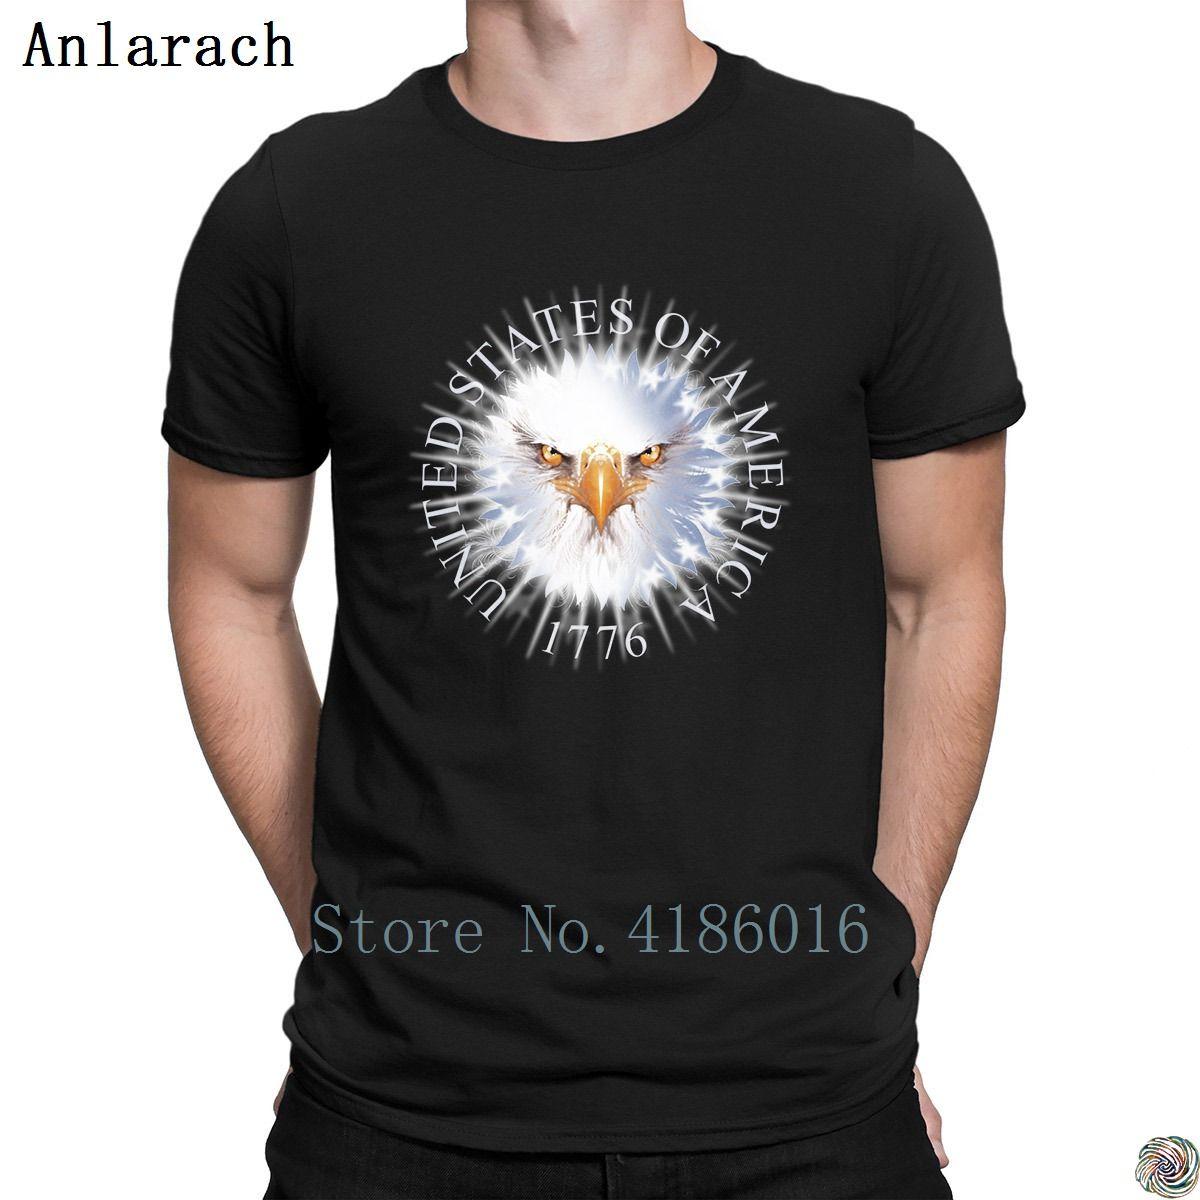 erkekler Fit Yaz Stili Anlarach hip hop için Amerika Birleşik Devletleri Est 1776 tişörtler Yeni Stil Kostüm Boş pamuklu t shirt